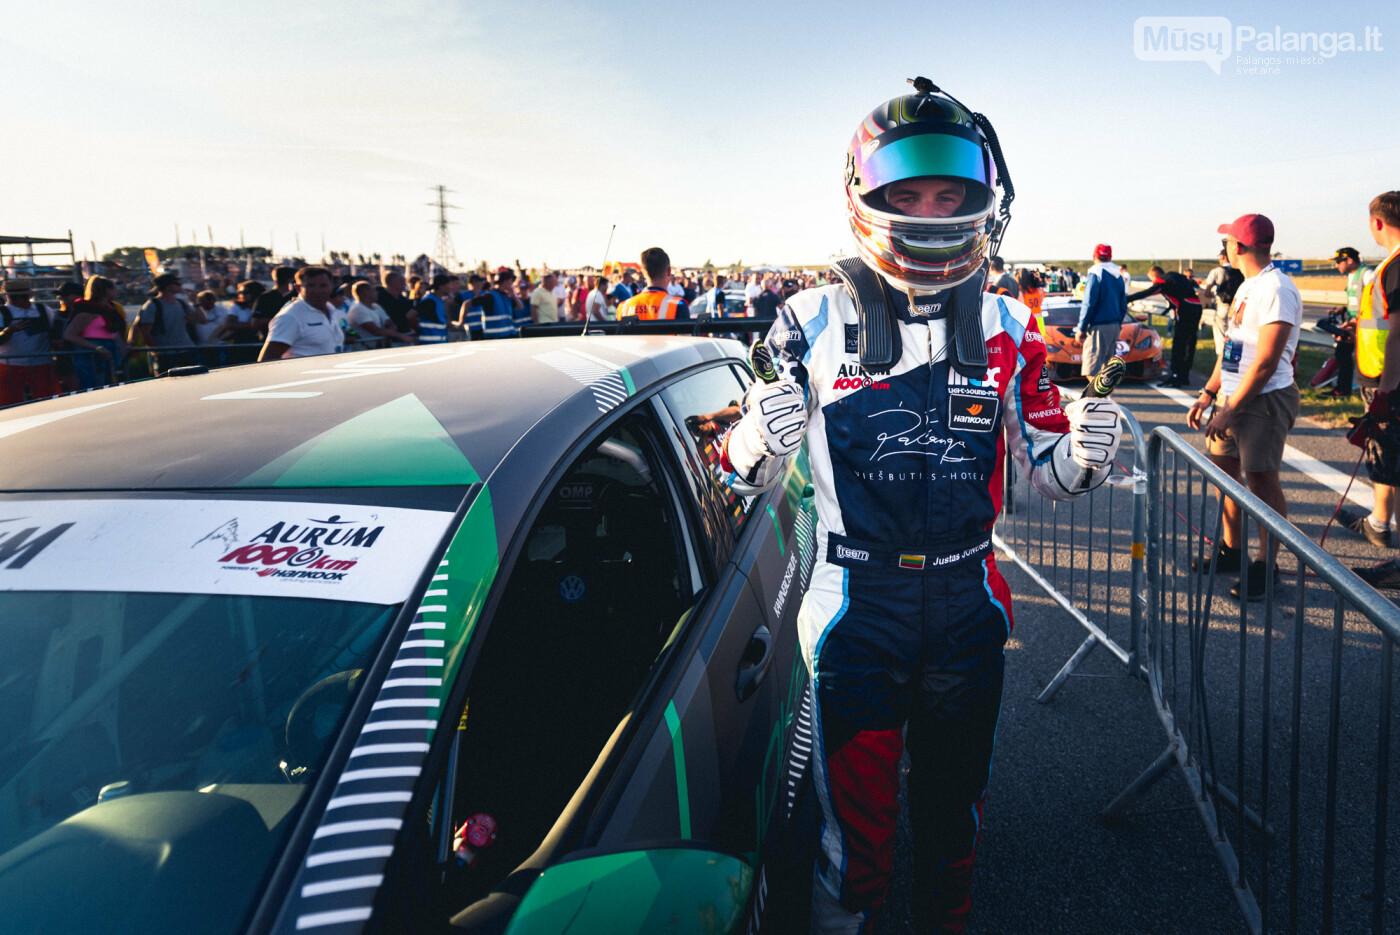 """""""Aurum 1006 km"""" lenktynėse Palangoje – praėjusių metų nugalėtojų triumfas , nuotrauka-15, Vytauto PILKAUSKO ir Arno STRUMILOS nuotr."""